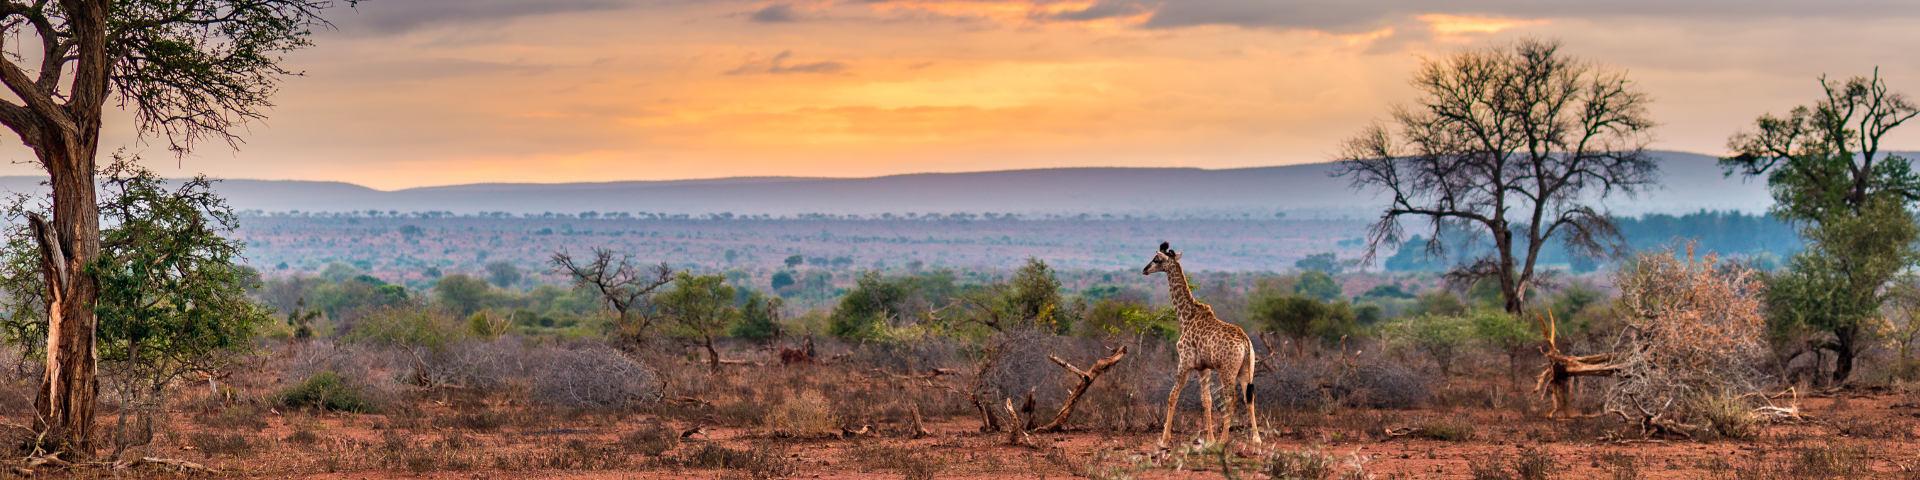 Kruger national park hero